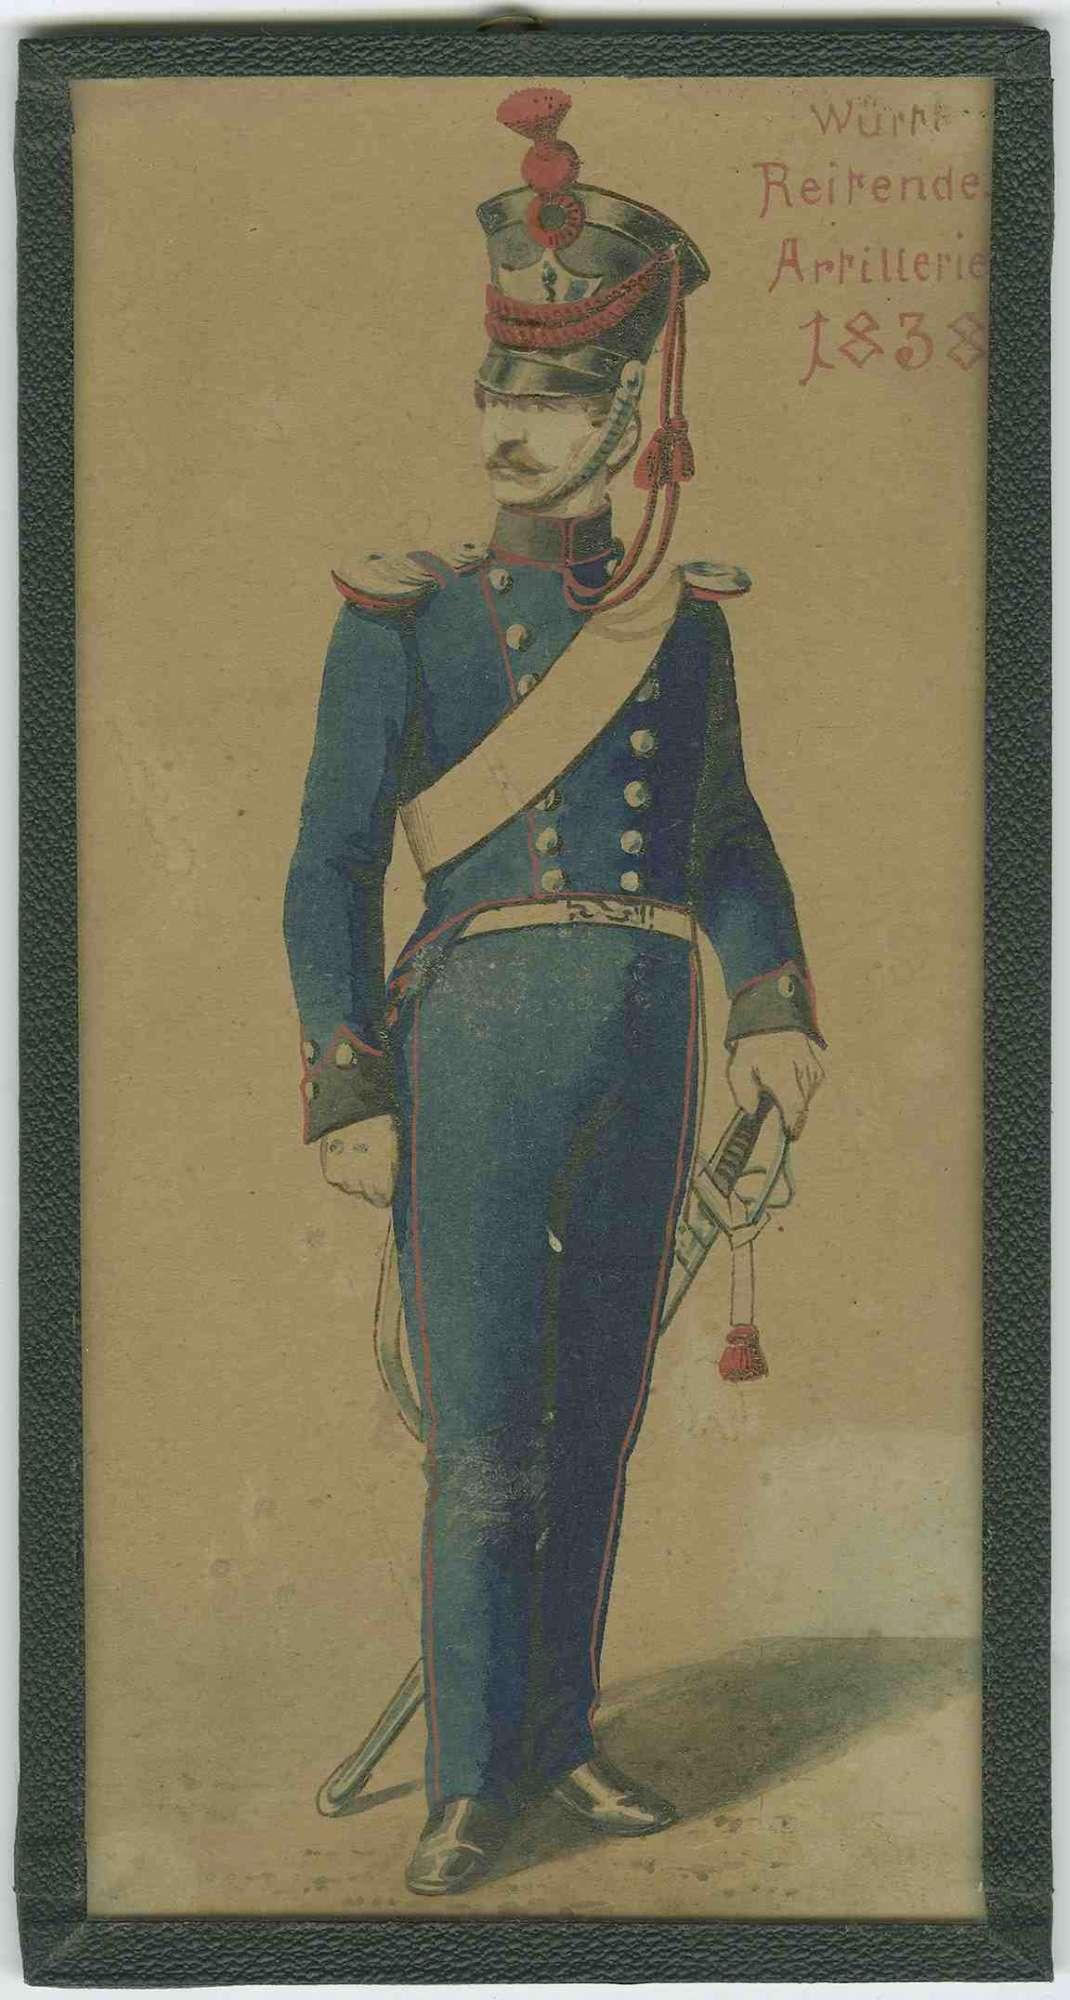 Soldat der Württ. Reitenden Artillerie 1838 in Uniform mit Mütze, Bild 1